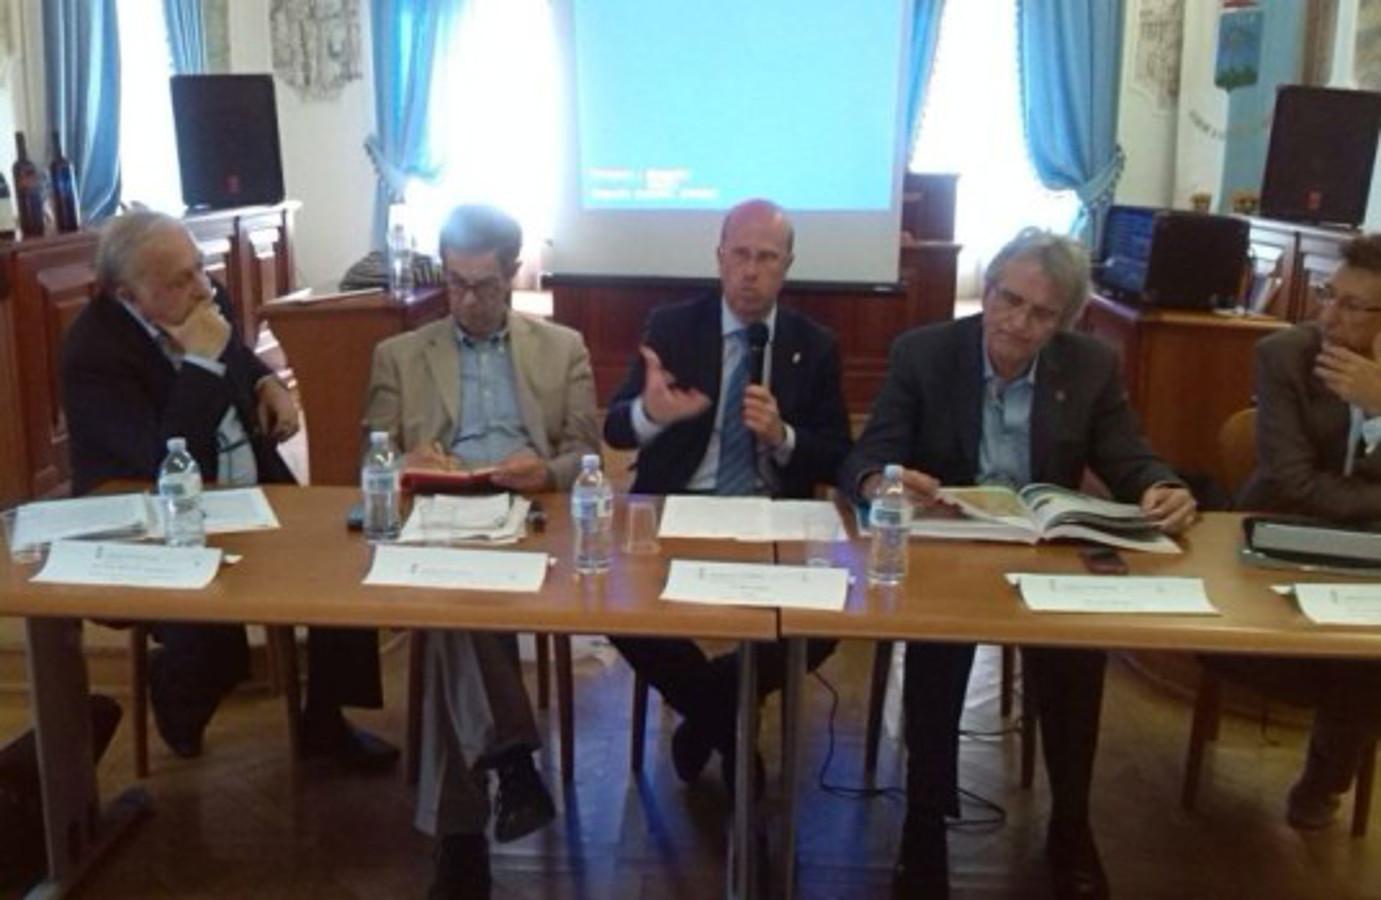 Grandi opportunità per l'agricoltura dalle nuove misure nazionali di governance territoriale